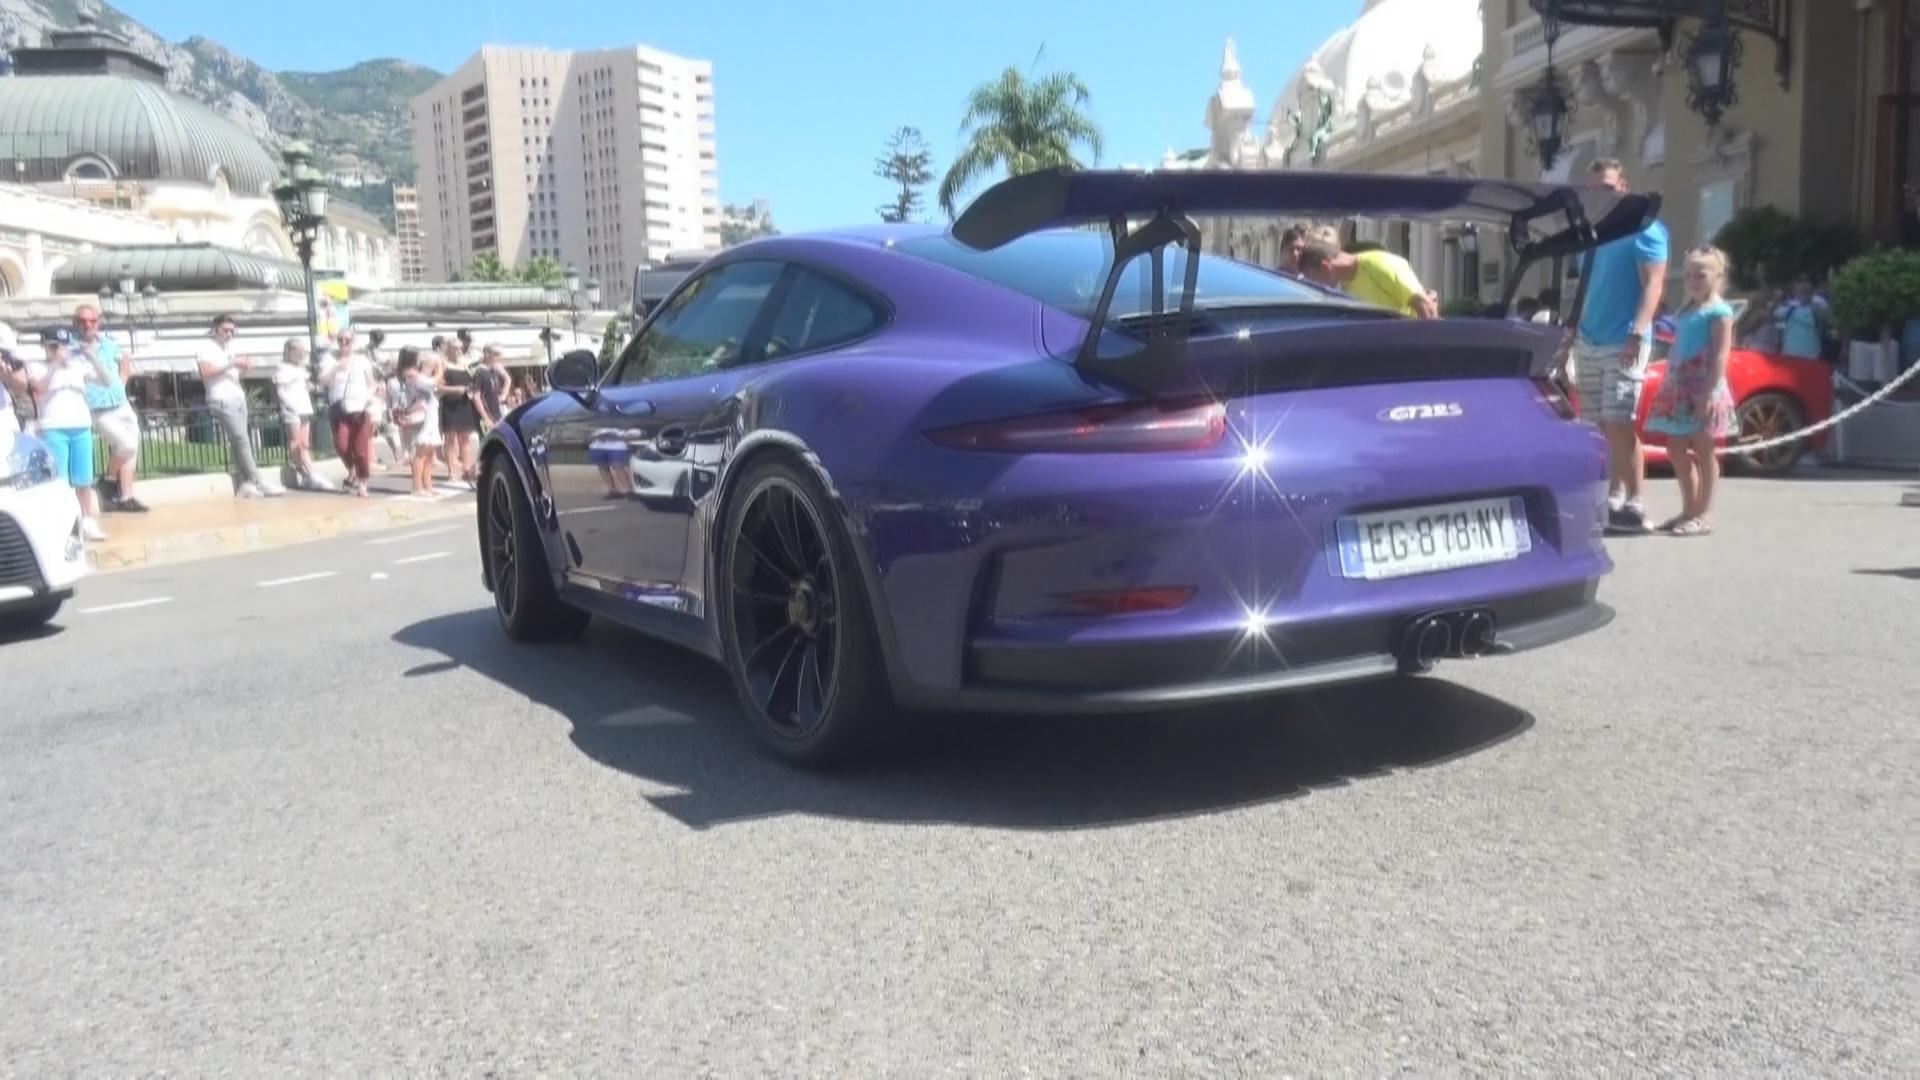 Porsche 911 GT3 RS - EG-878-NY-06 (FRA)